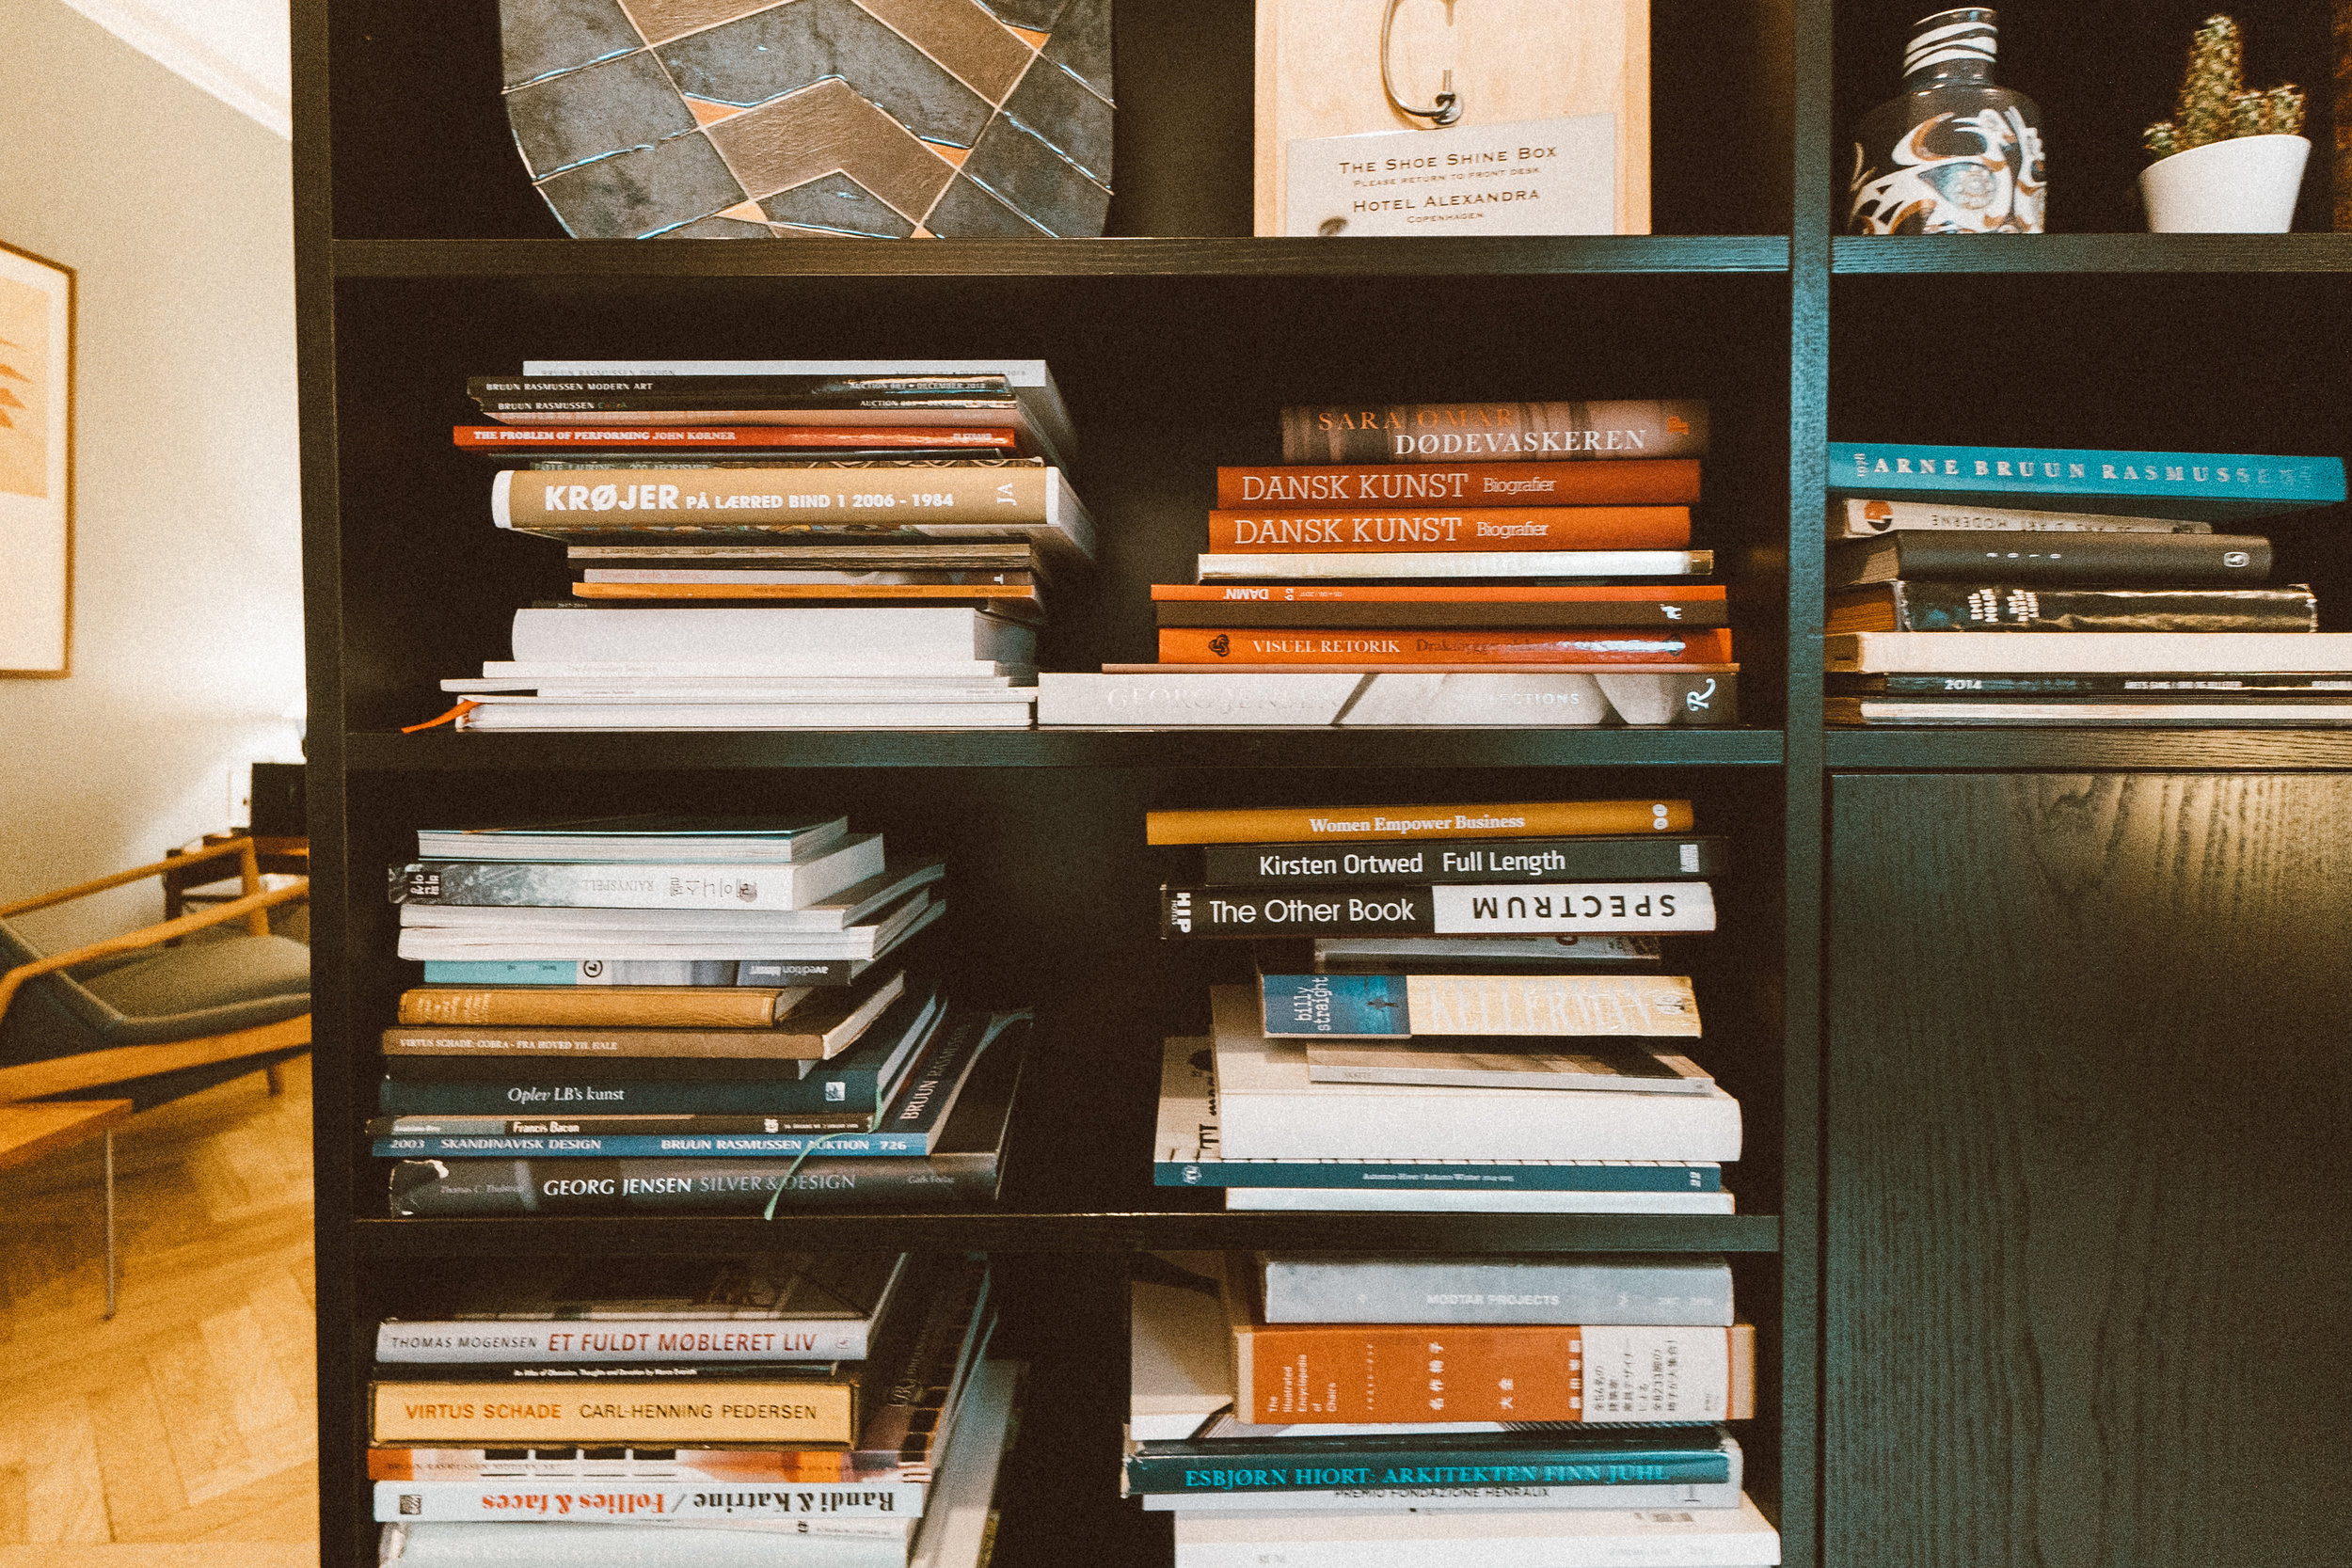 亚历山大哥本哈根评论酒店-大厅公共接待书架